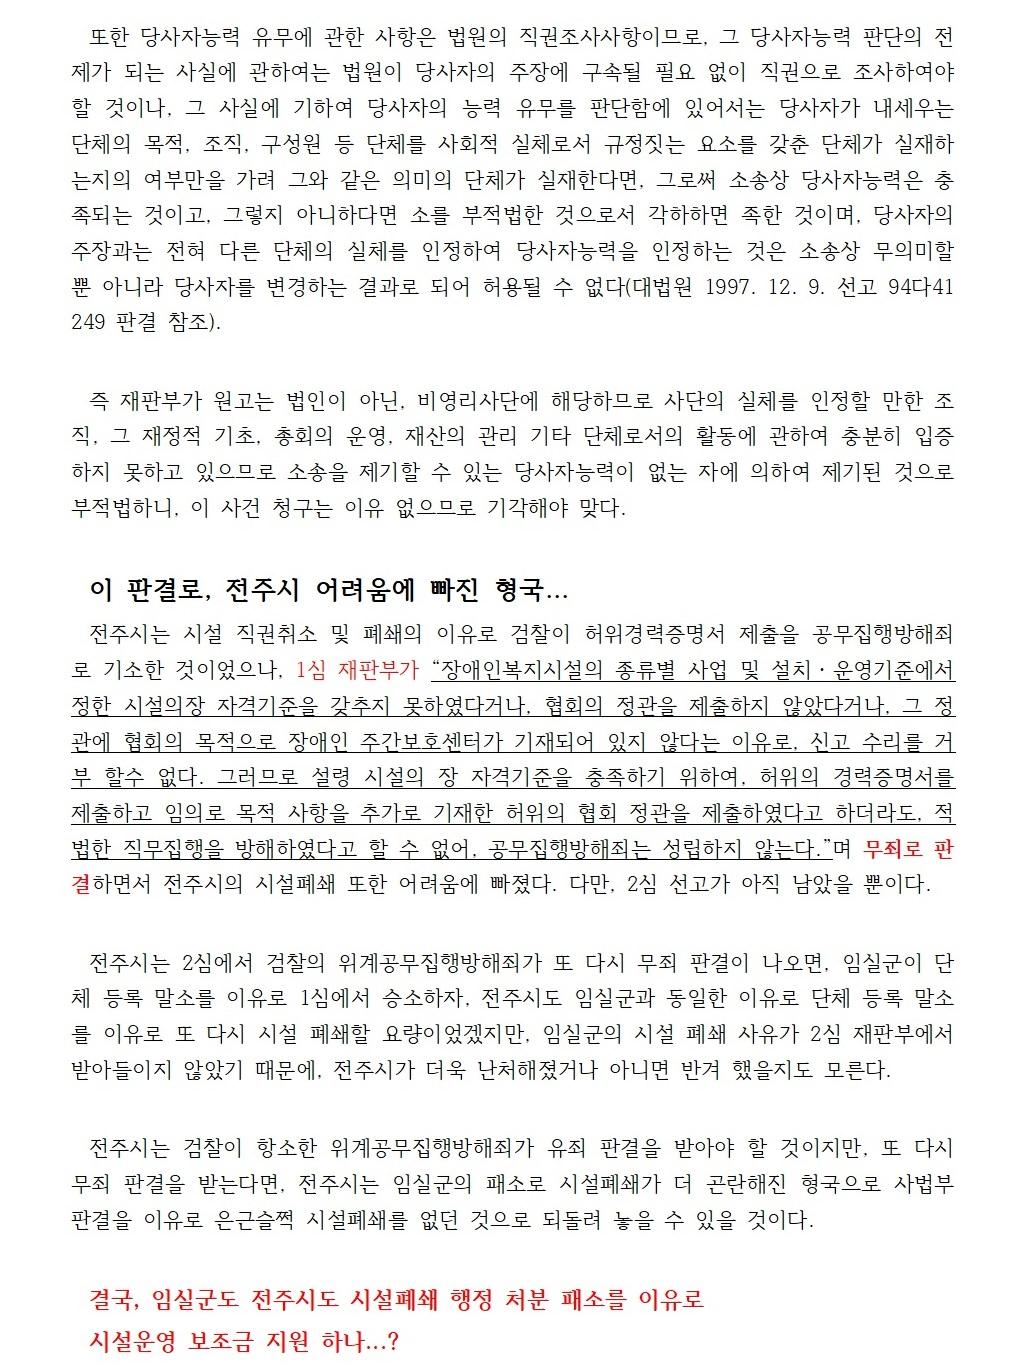 19.9.25_전북 봉침게이트 판결 논평2.jpg